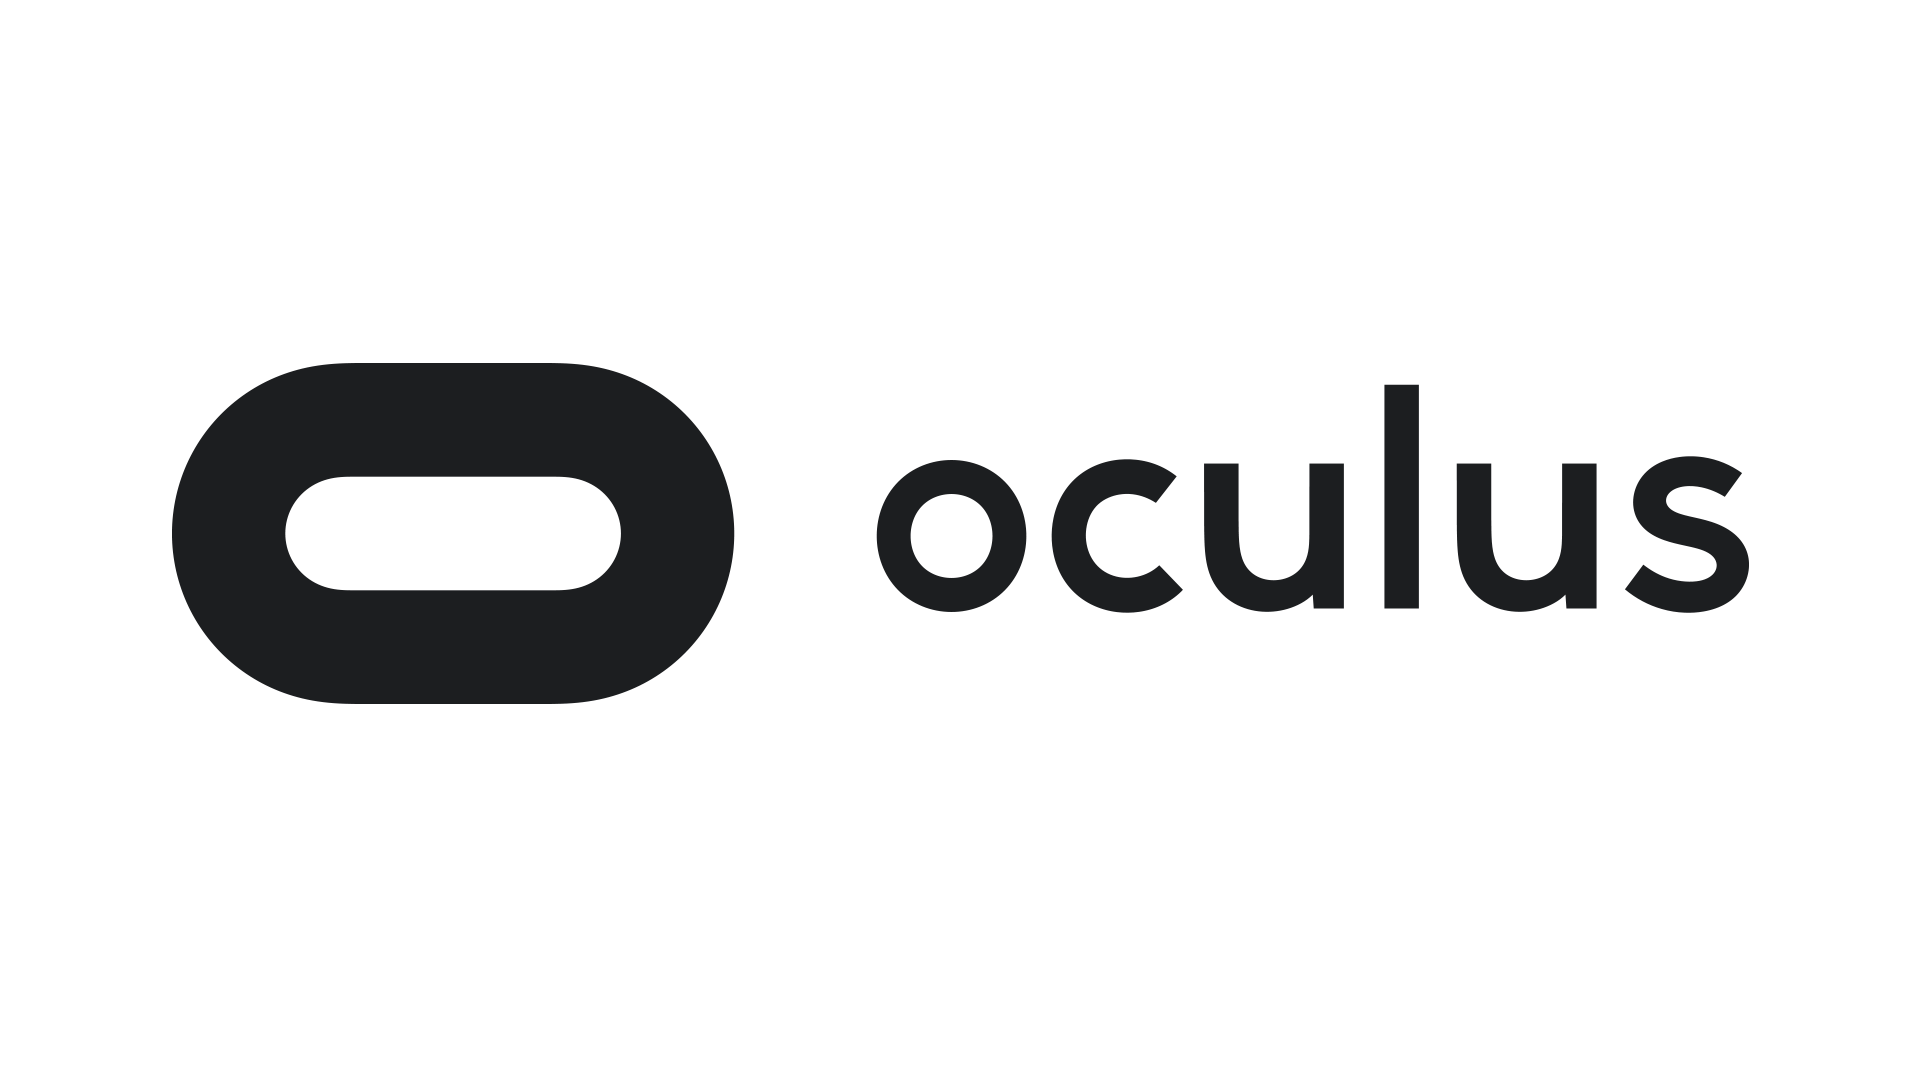 Brève sur l'Oculus Air Link de l'Oculus Quest 2